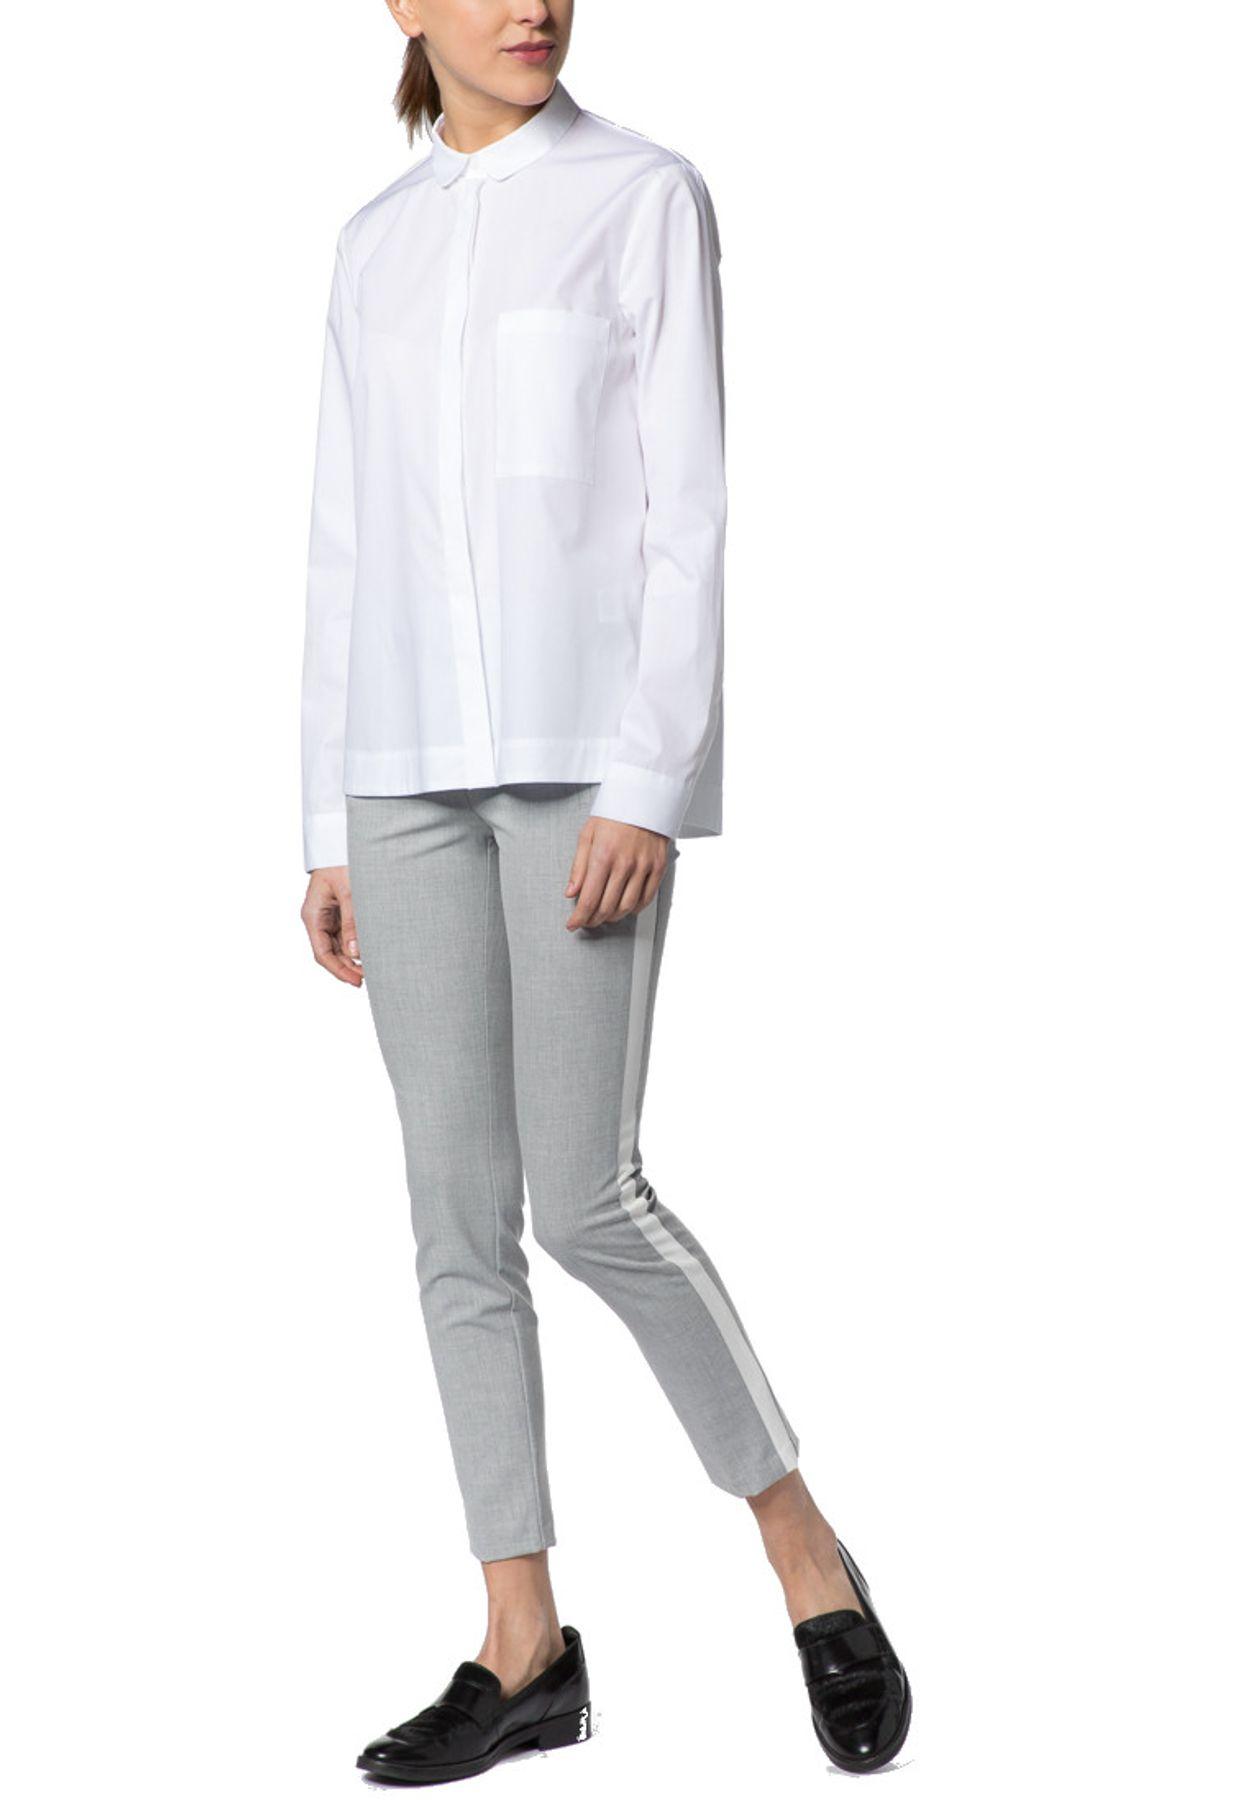 Eterna - Slim Fit - Damen Langarm Bluse in Weiß, Bügelfrei (5003 DY01) – Bild 1